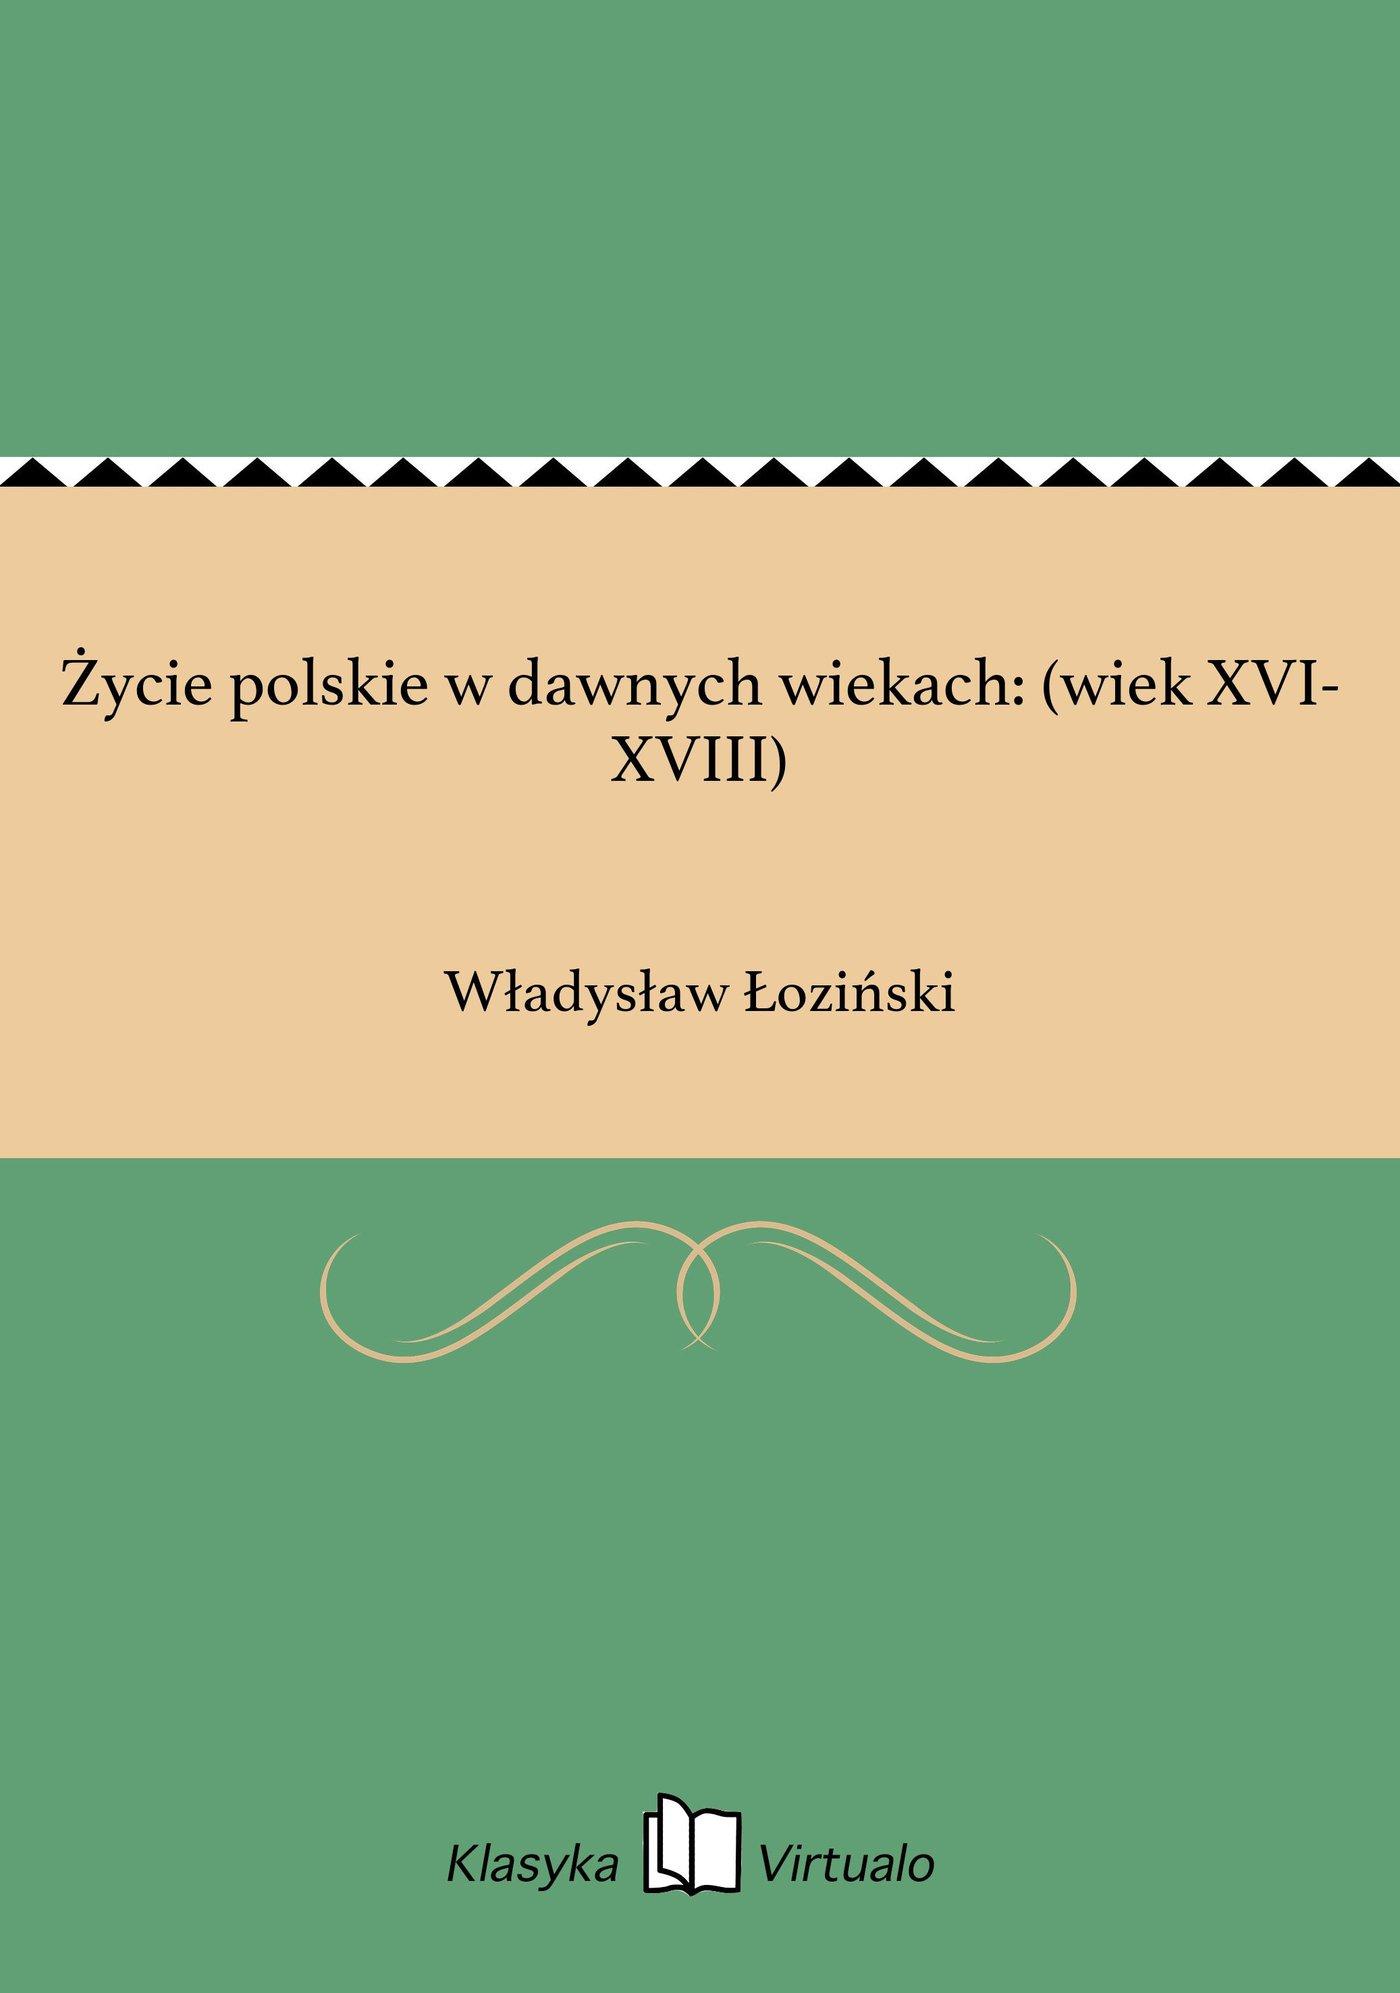 Życie polskie w dawnych wiekach: (wiek XVI-XVIII) - Ebook (Książka EPUB) do pobrania w formacie EPUB